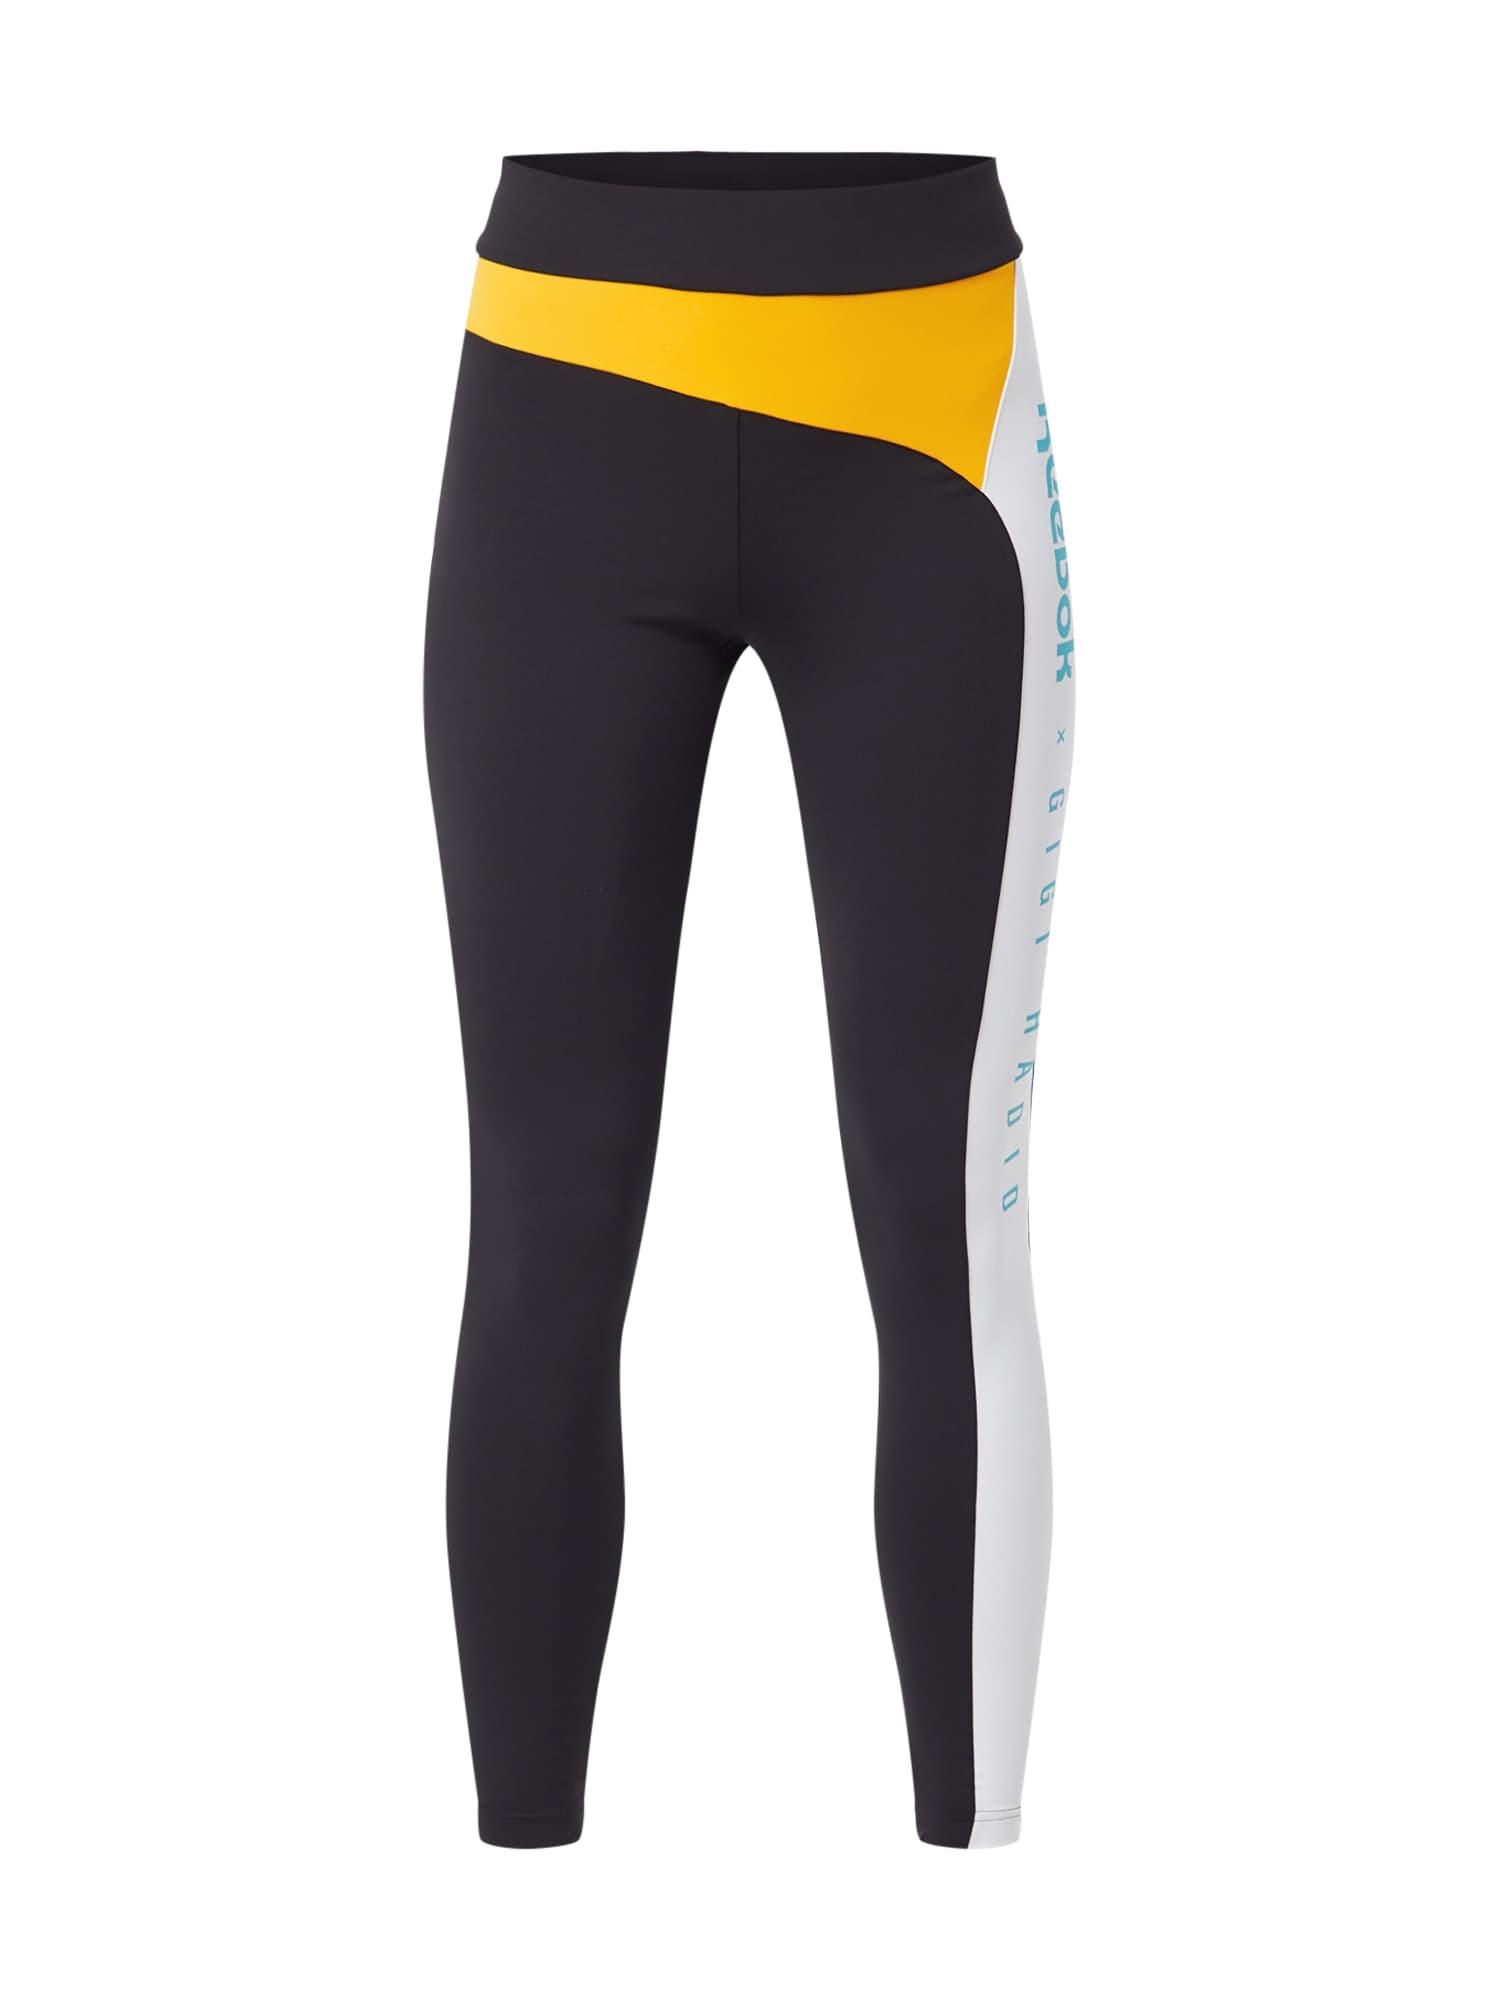 Legíny Gigi Legging tyrkysová žlutá černá bílá Reebok Classic